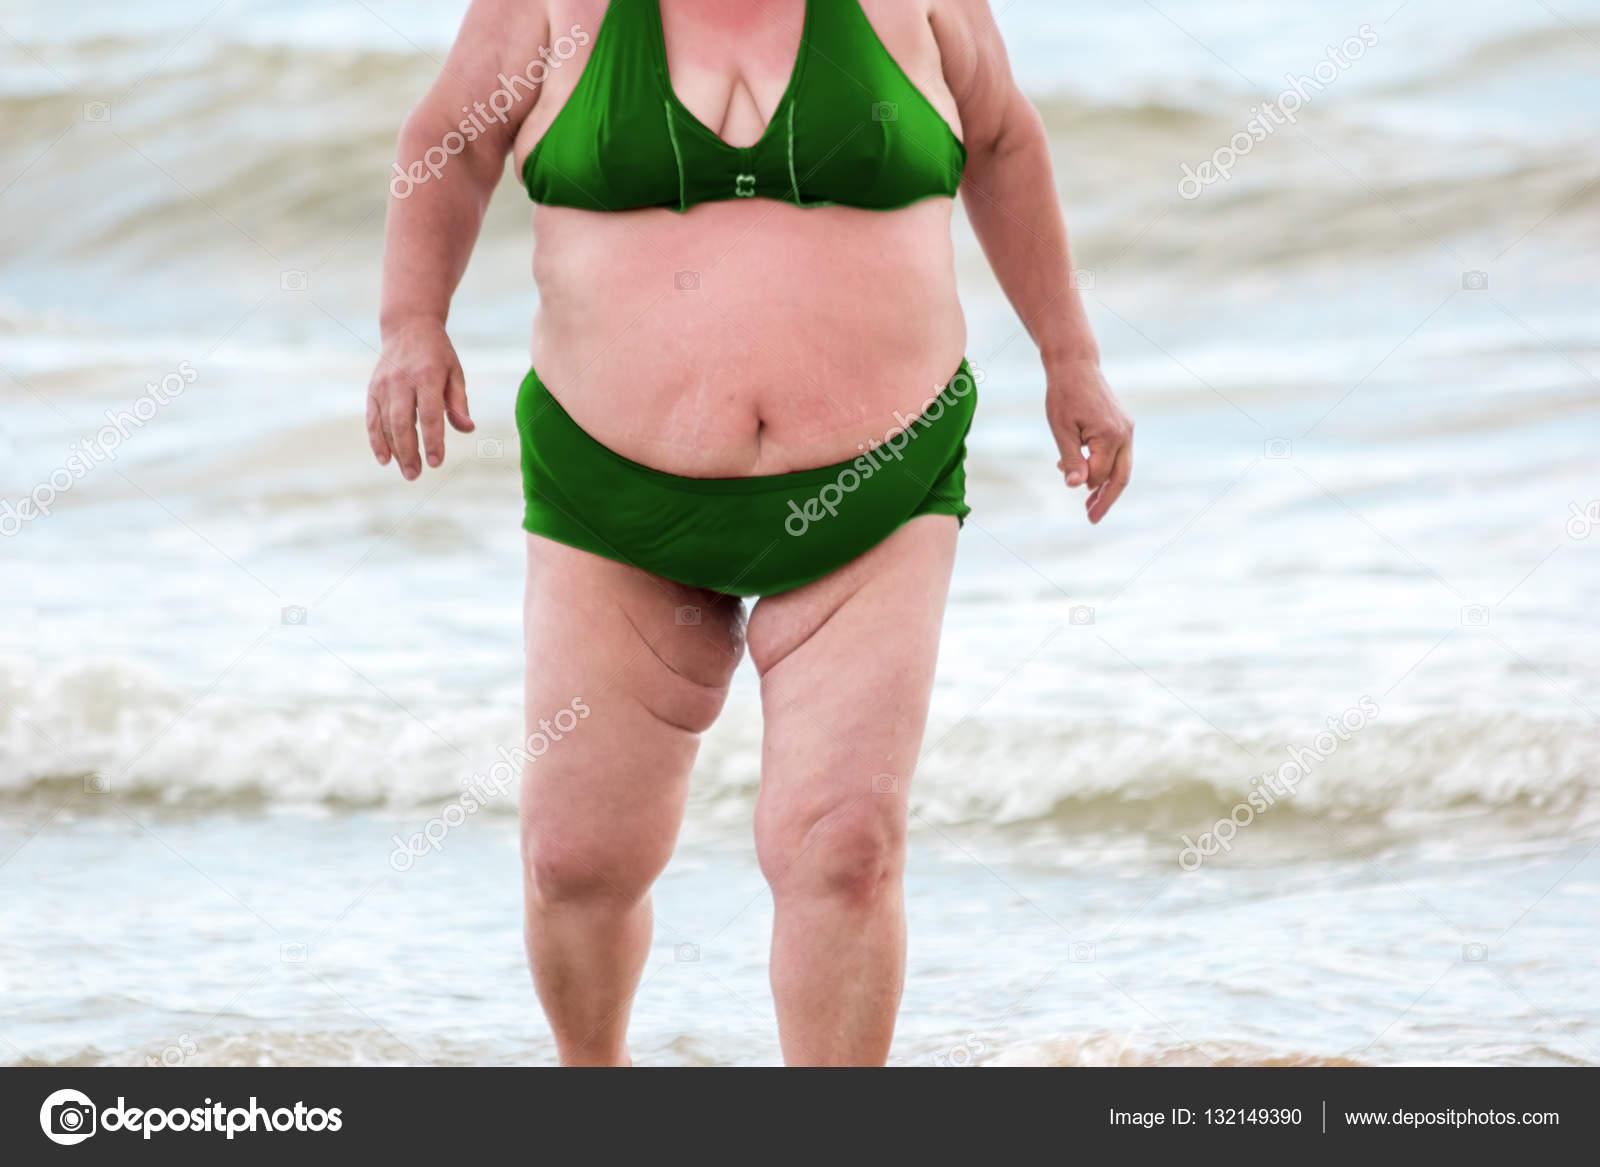 Толстые женщины на прогулке, Фото толстушек с жирными ляжками - лучшие галереи 26 фотография